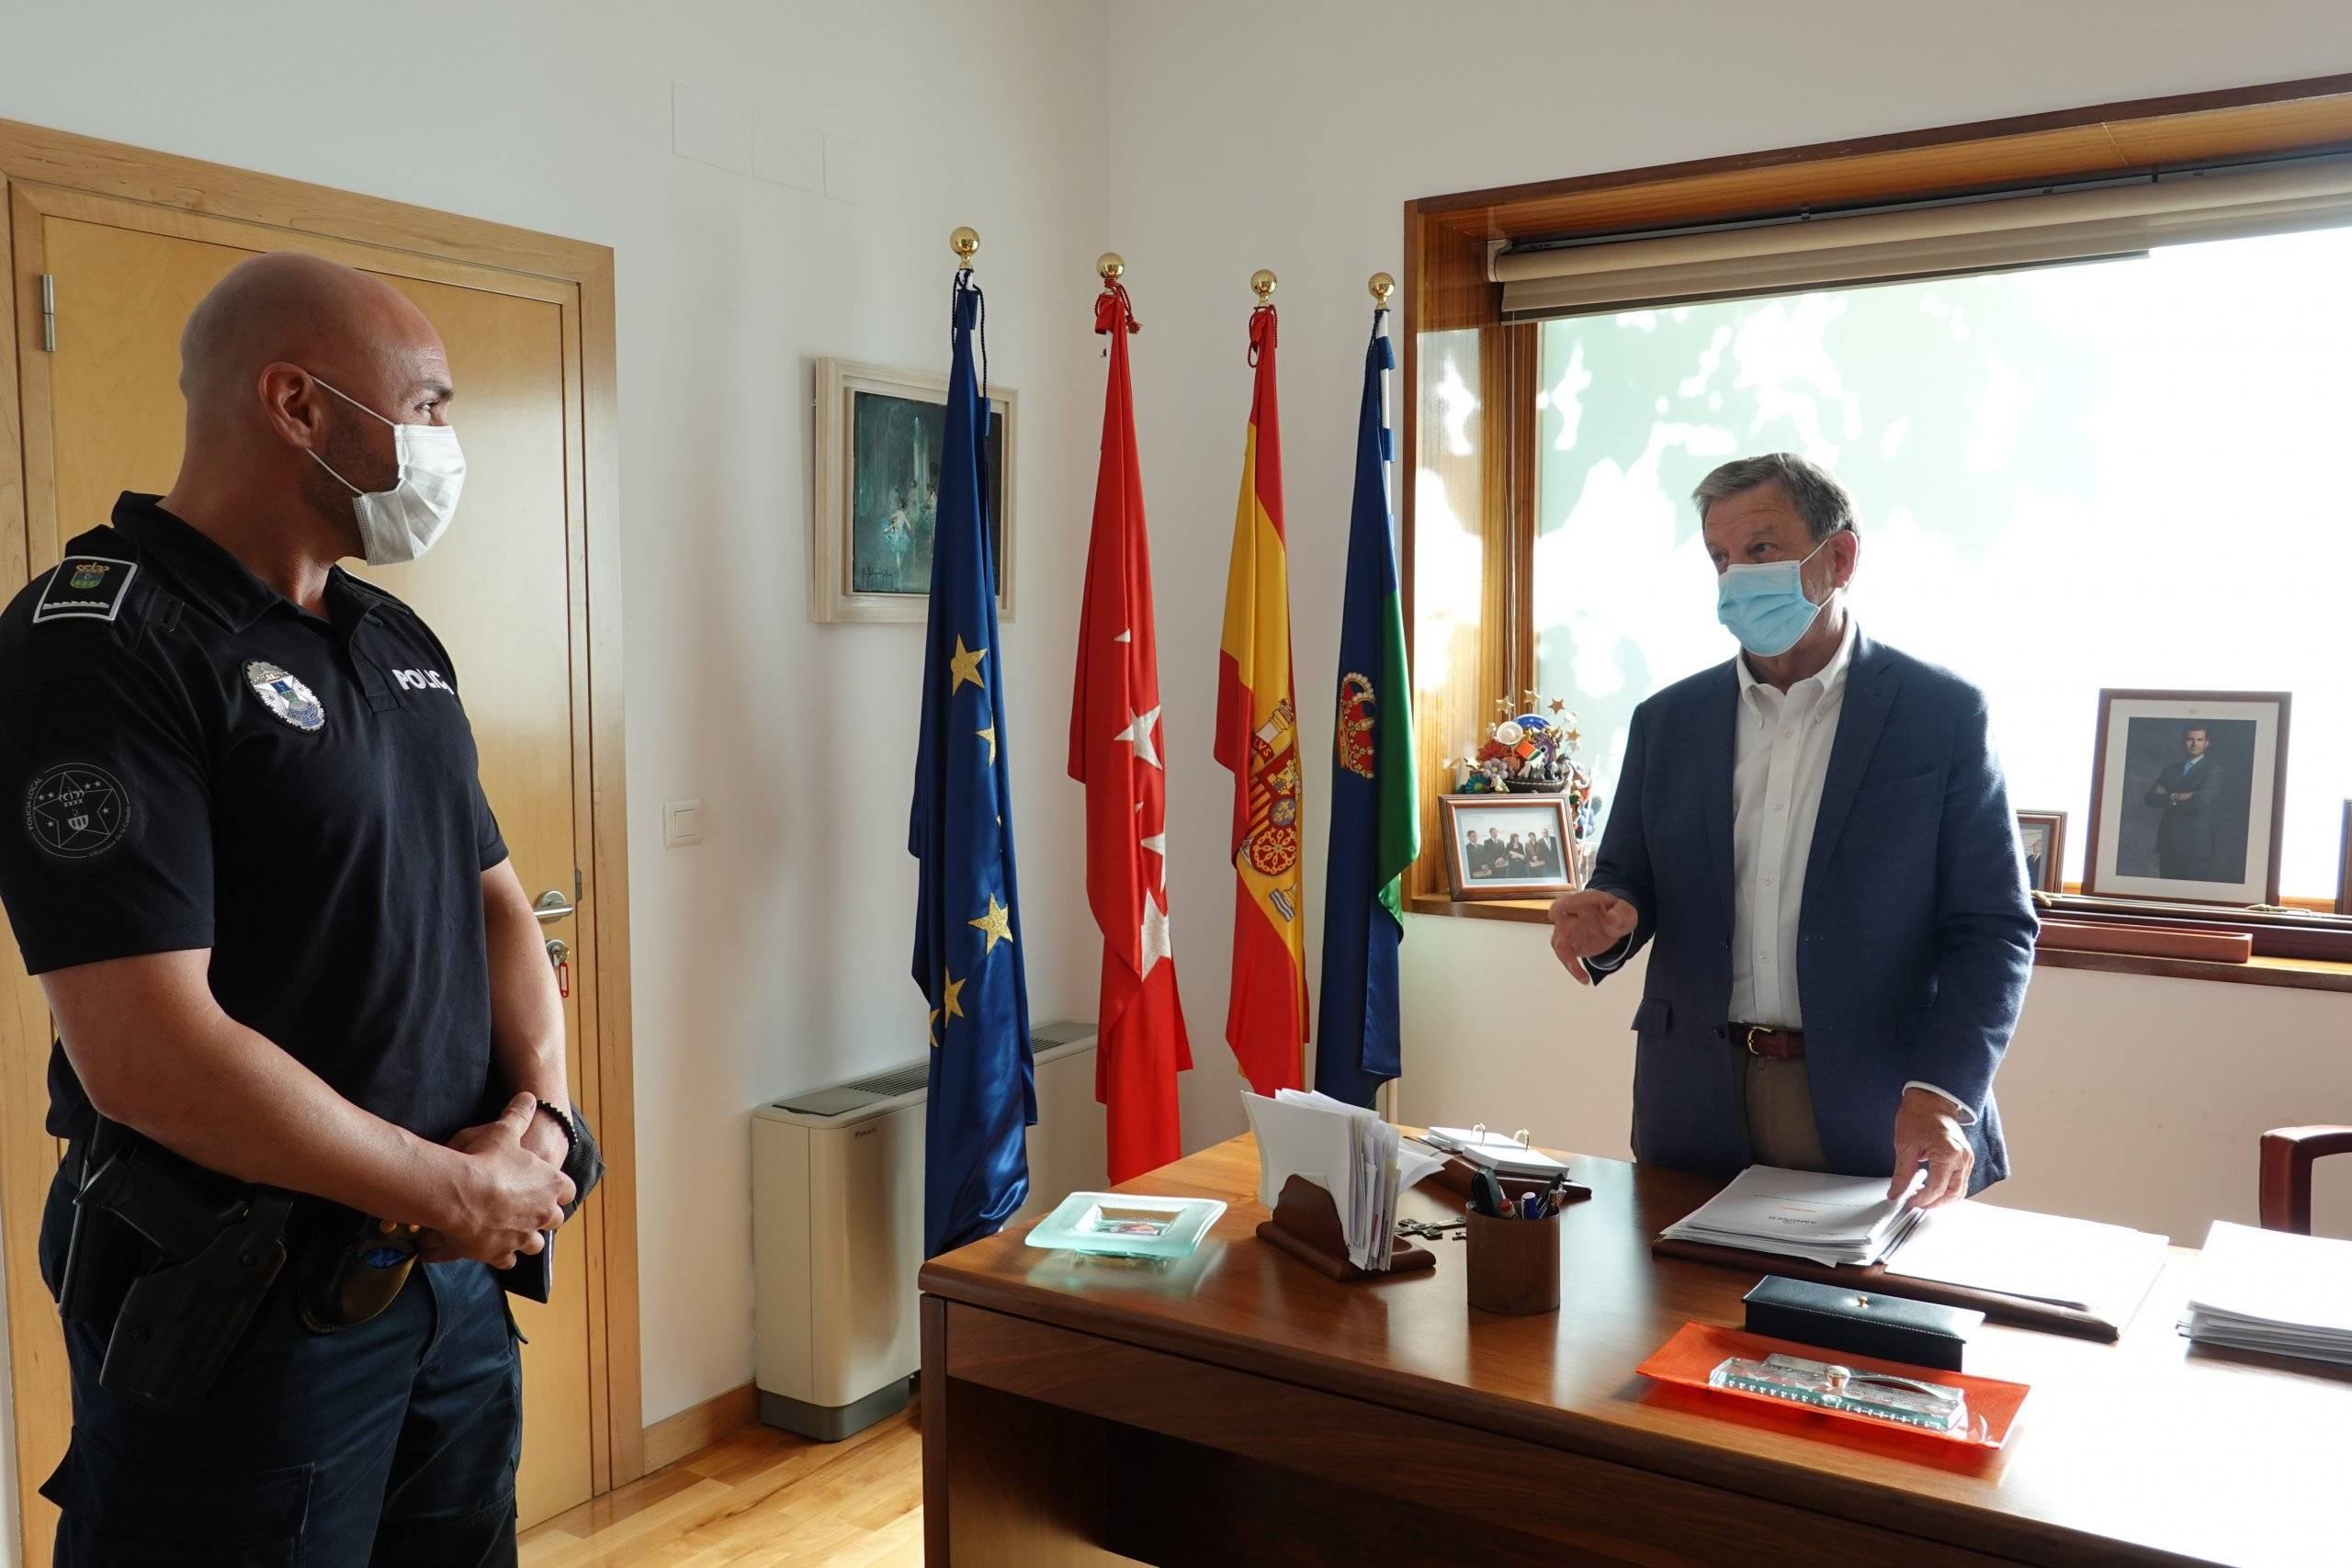 El alcalde, Luis Partida, dirigiéndole unas palabras al nuevo oficial de la Policía Local.